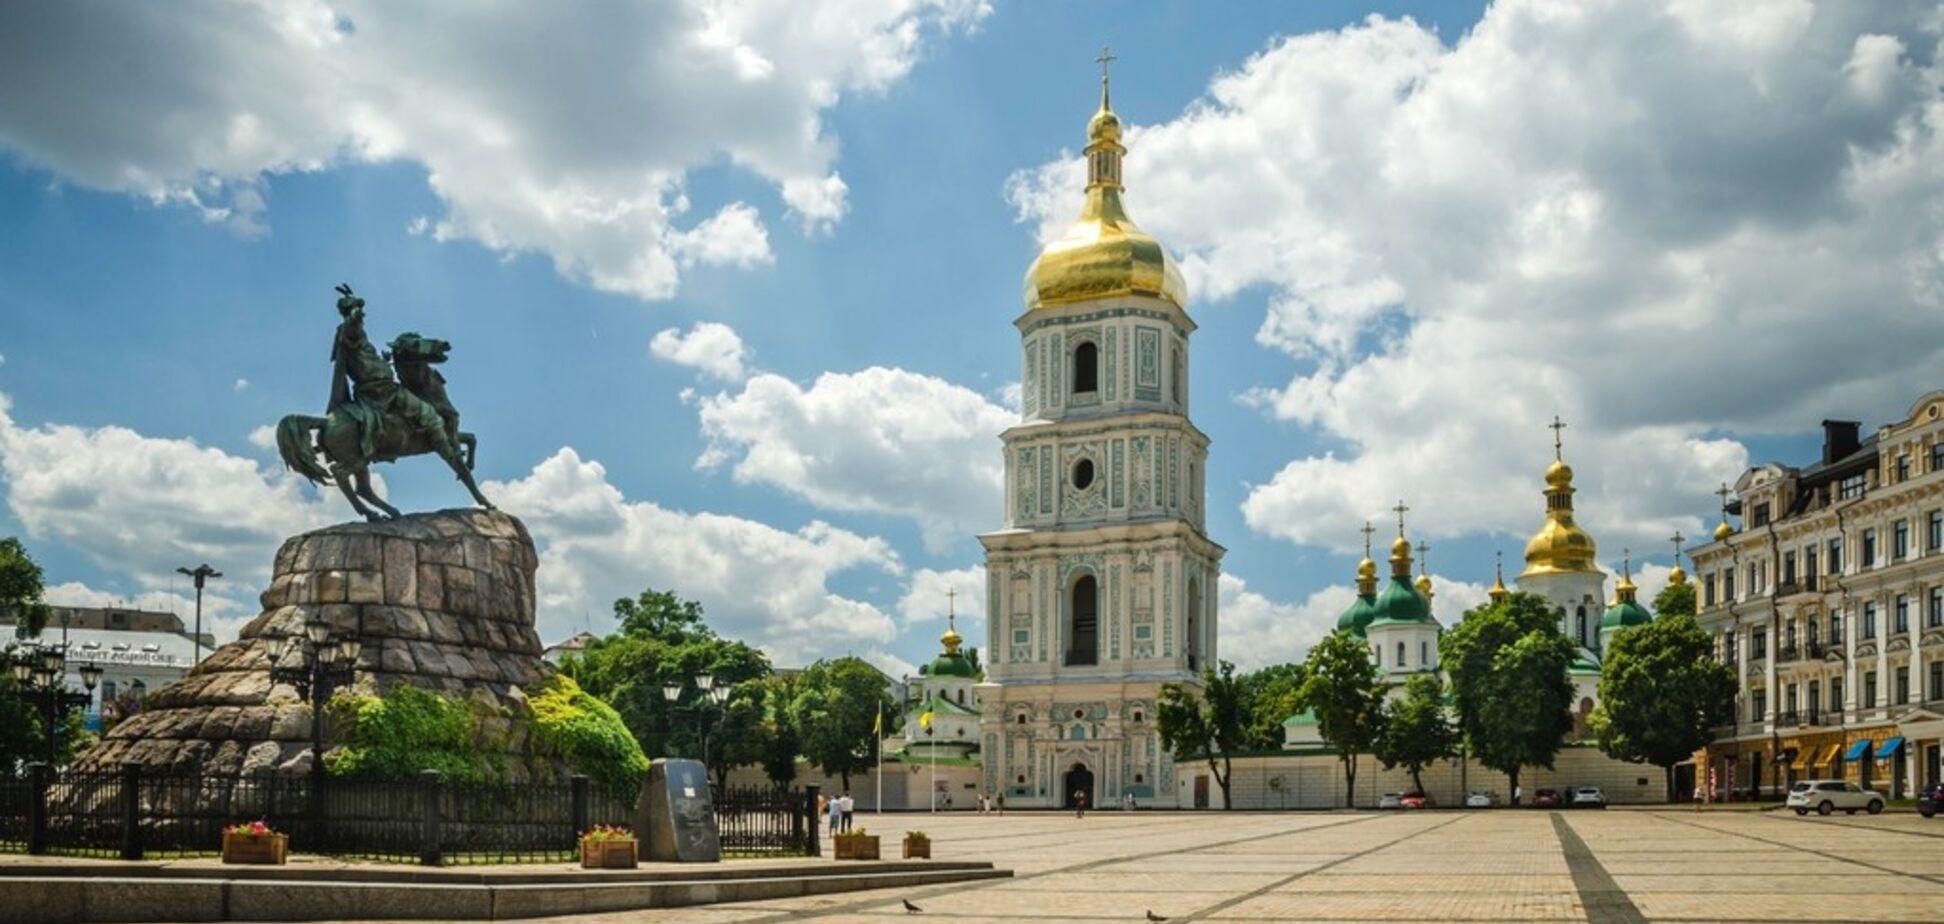 Хуже Дамаска: Киев возглавил печальный антирейтинг городов